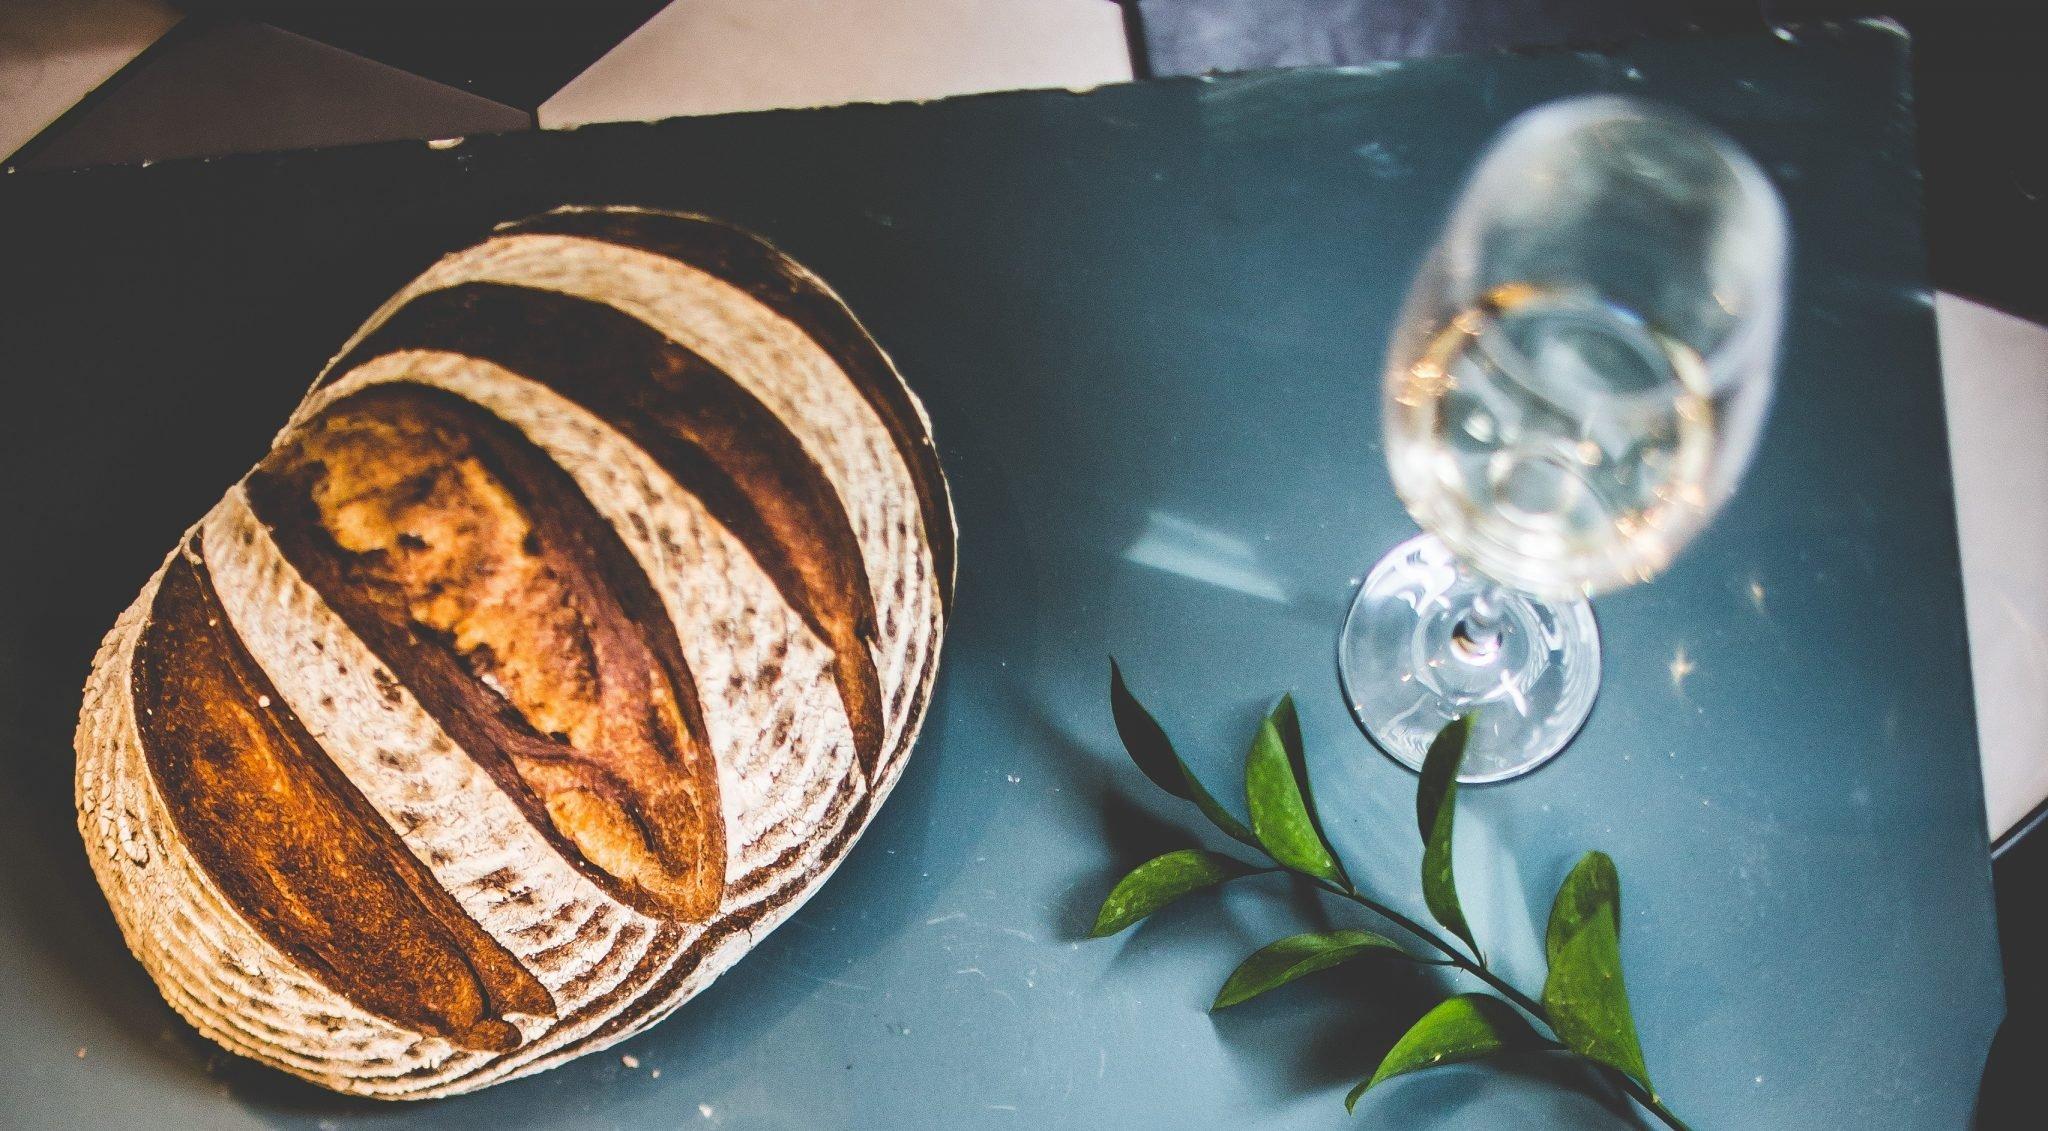 Sourdough Recipe by Peter Walker